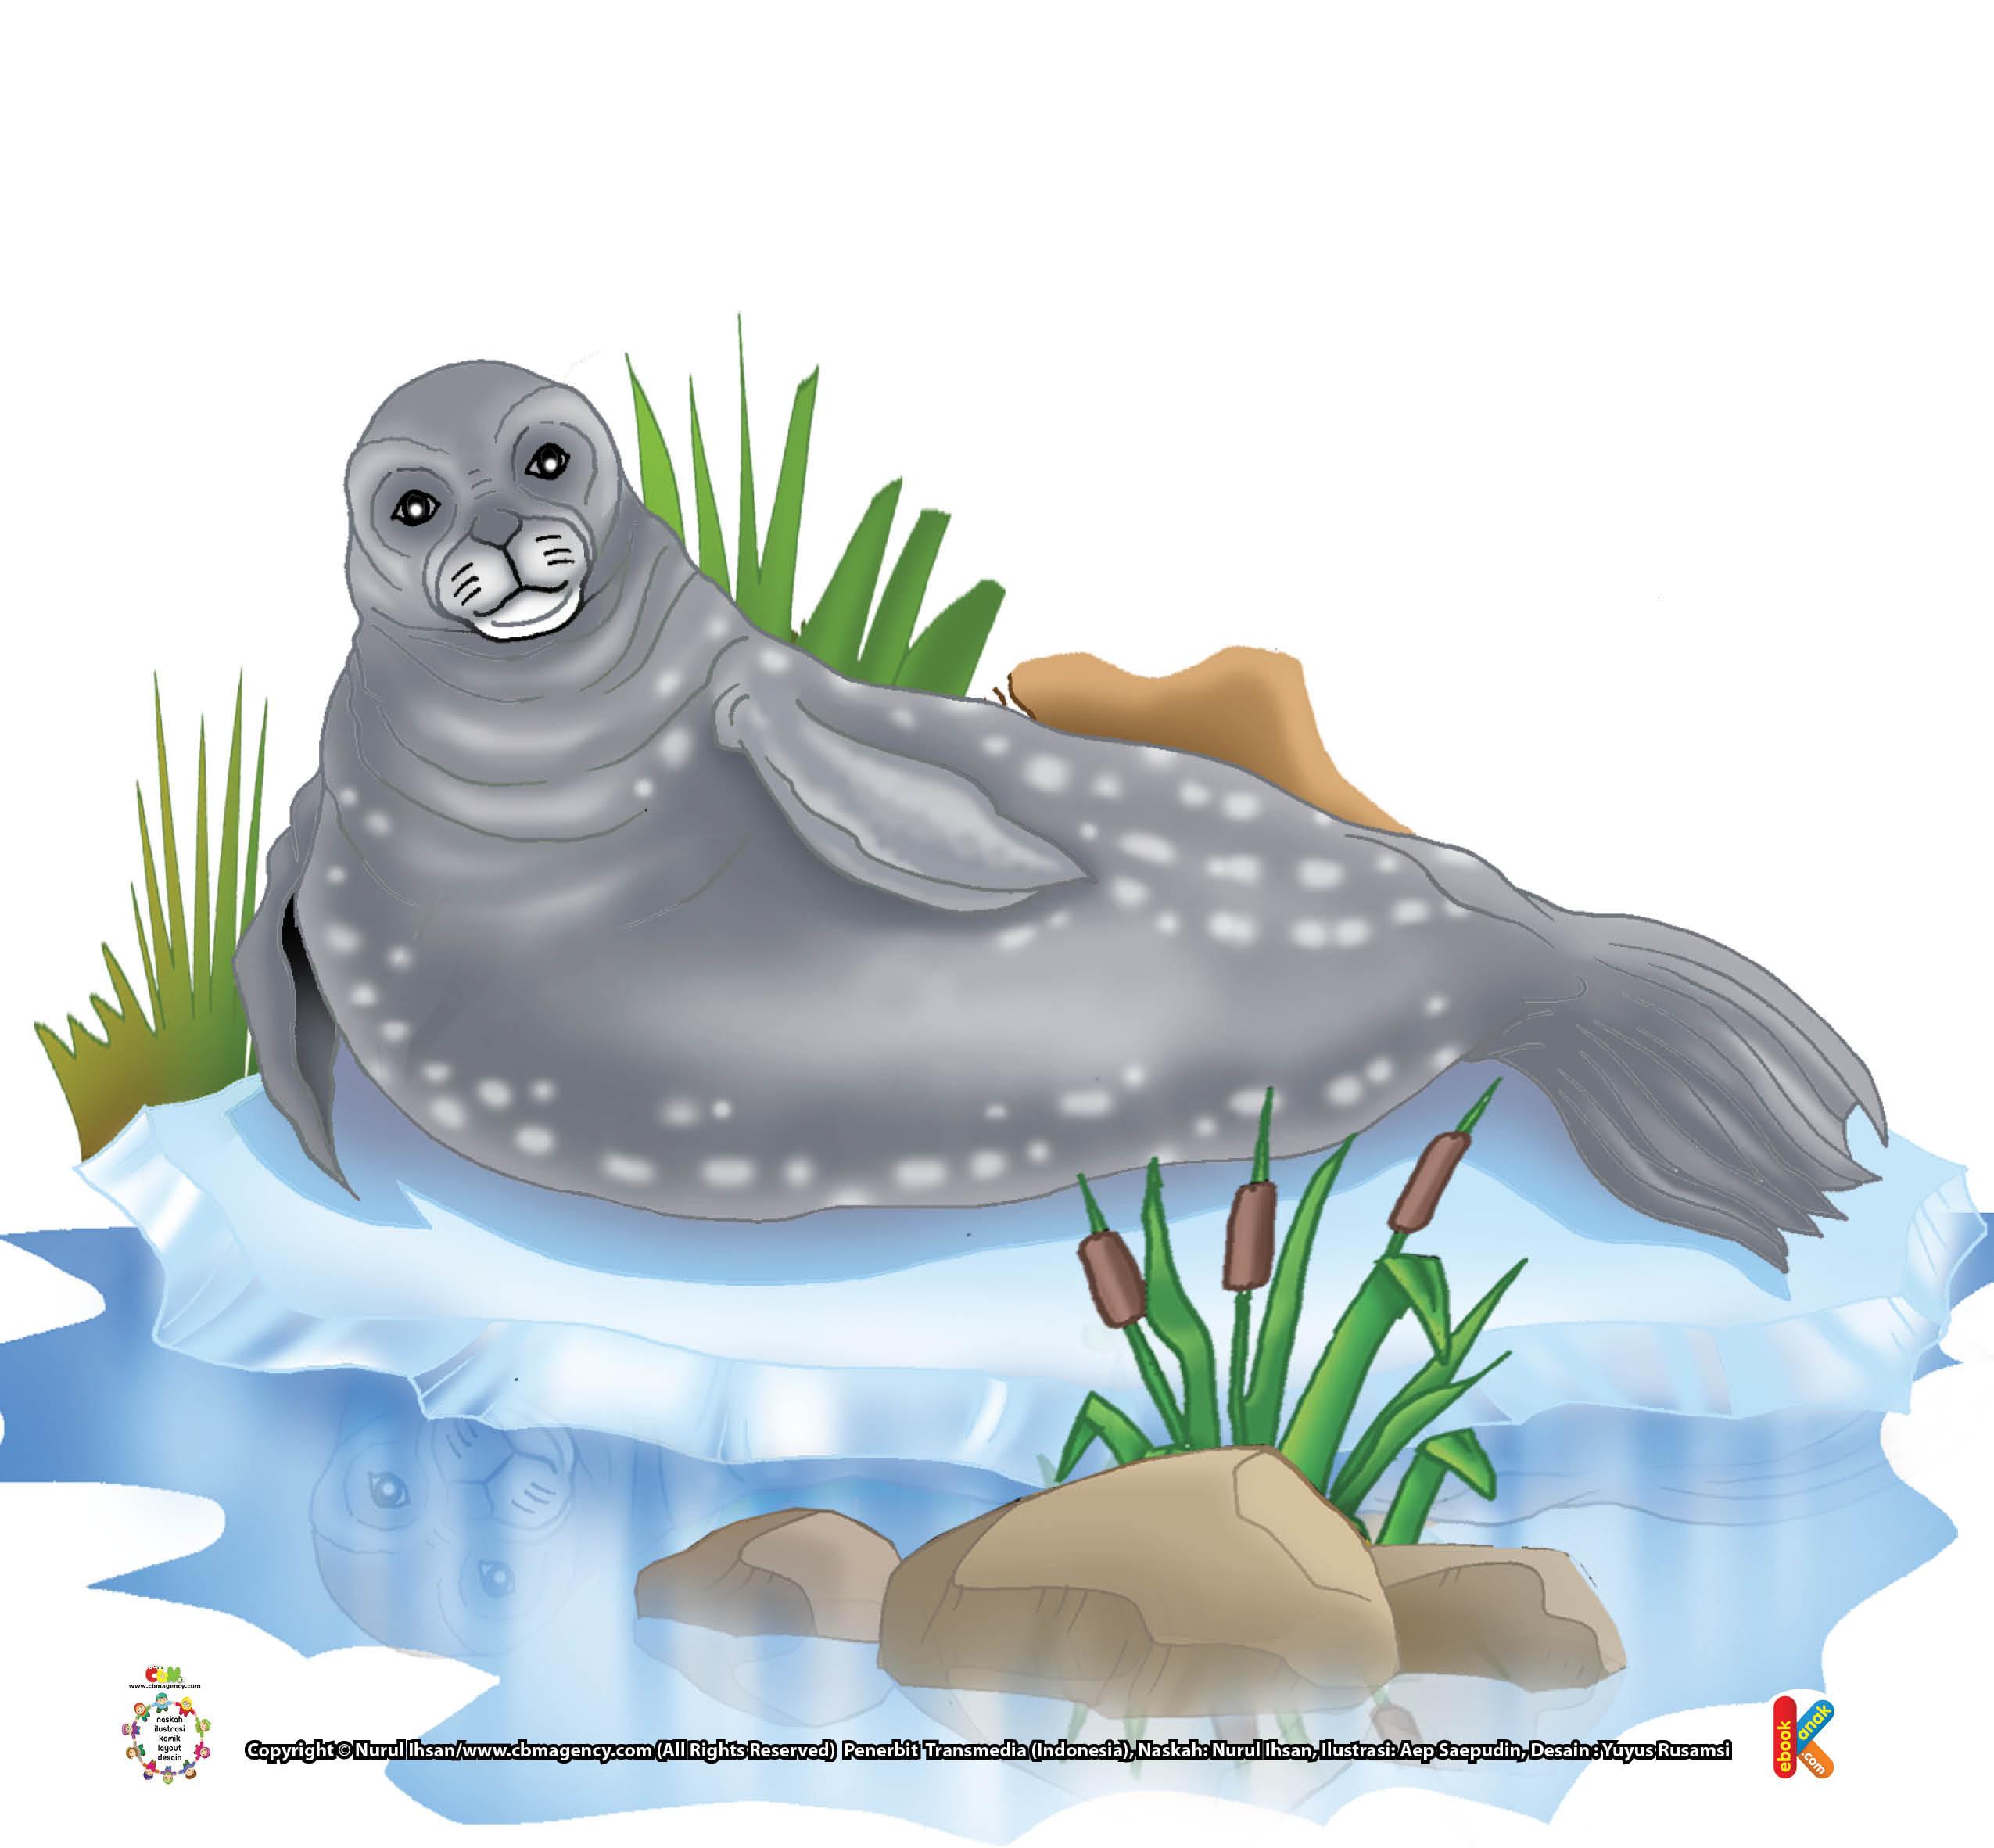 Nama weddel berasal dari nama kapten James Weddel, seorang penjelajah Inggris yang menemukan anjing laut ini pada tahun 1820.